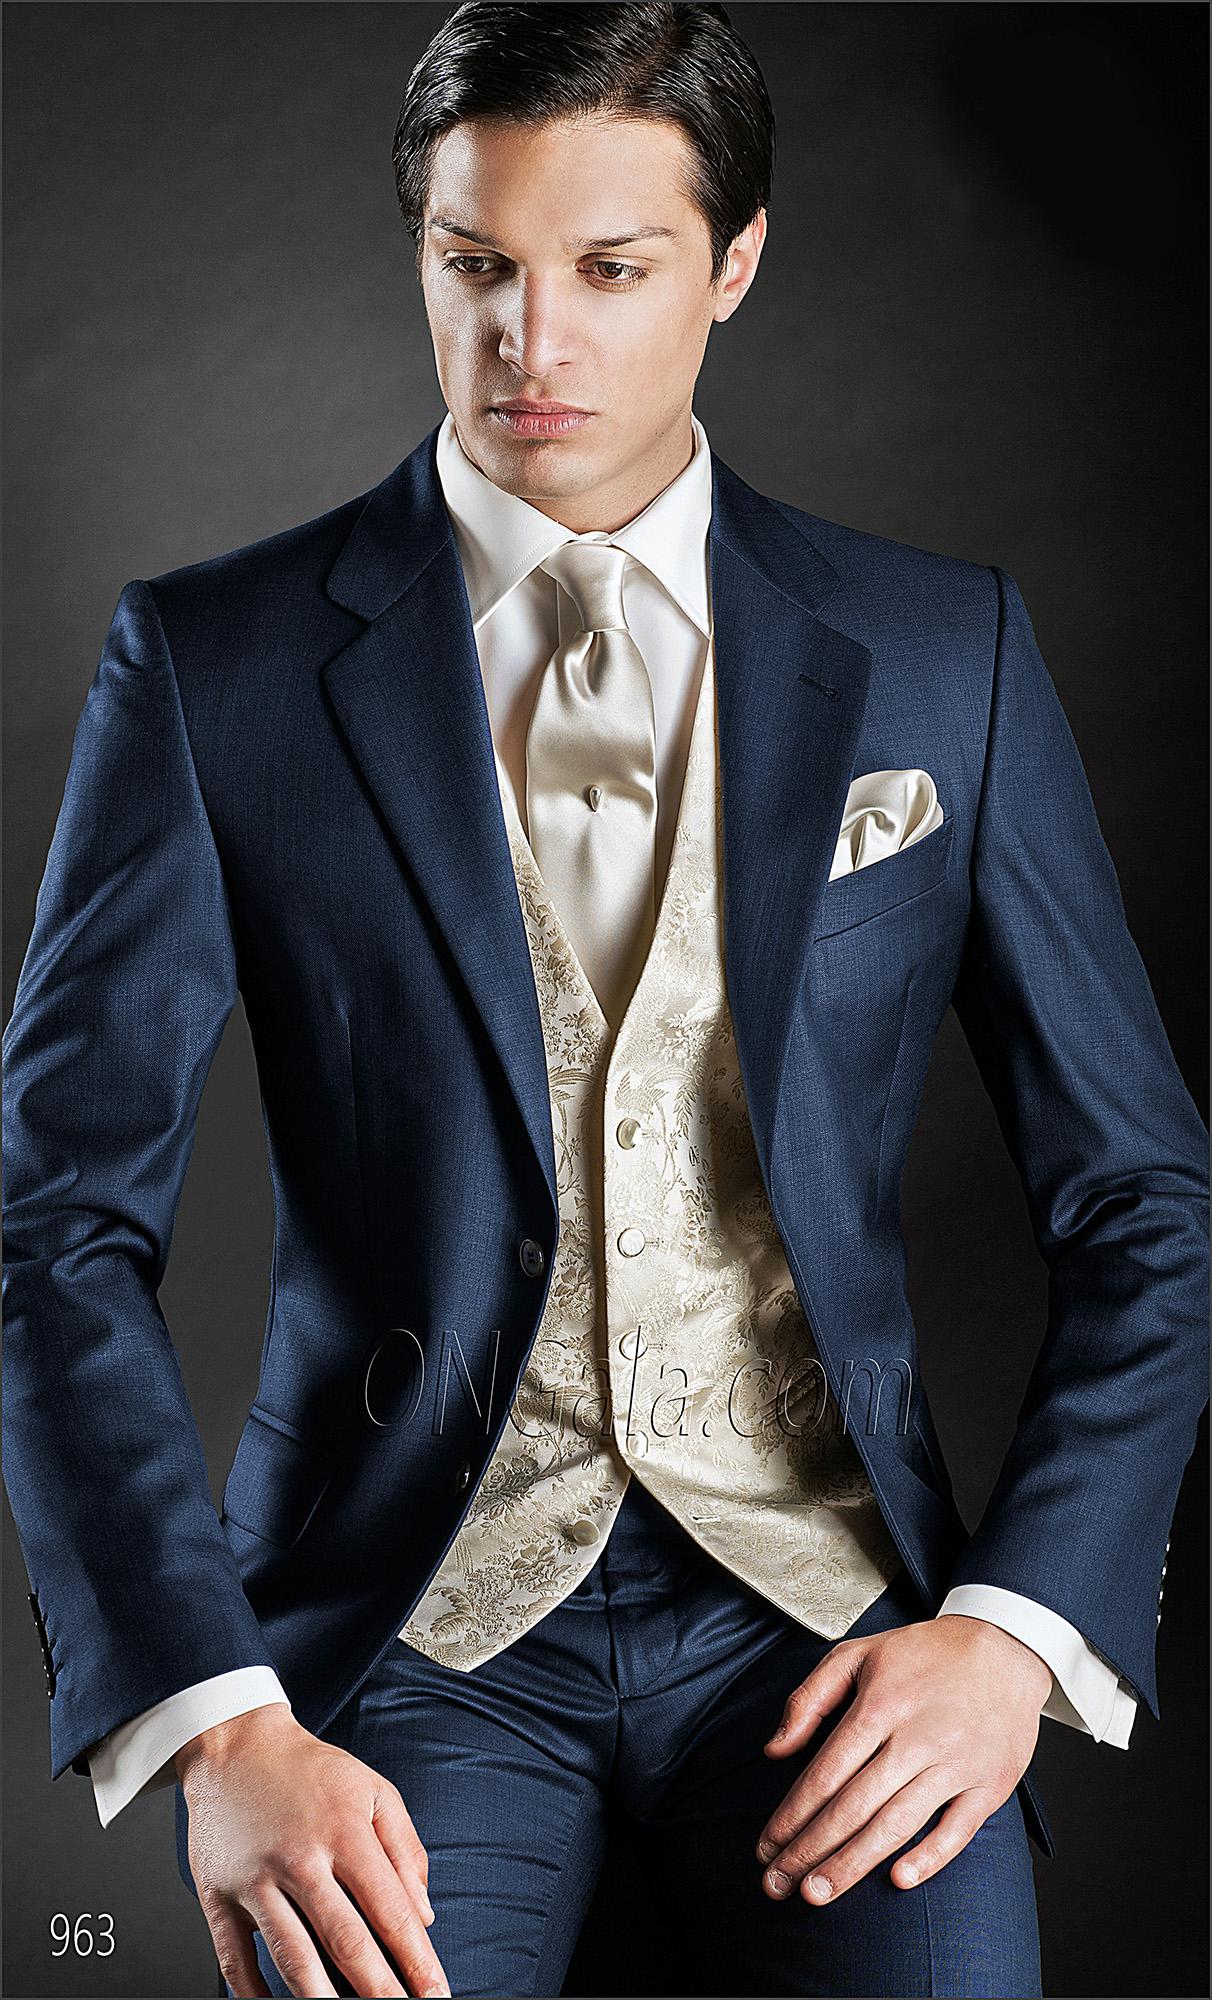 italienische hochzeitsanzug blau aus wollemischung